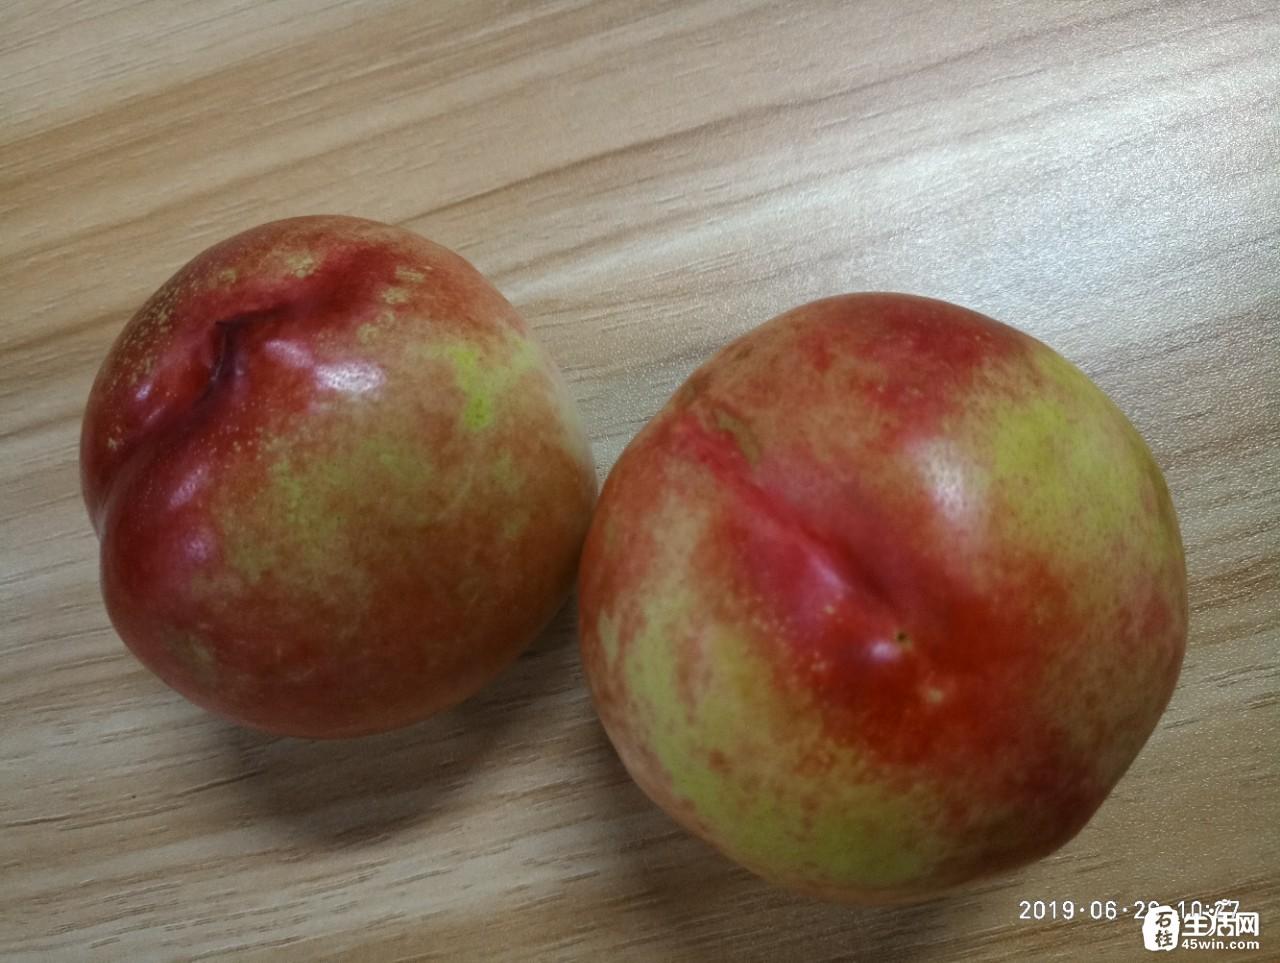 搞不懂!现在的女娃儿,苹果要吃脆的,桃子要吃软的,难道有什么不一样嘛?